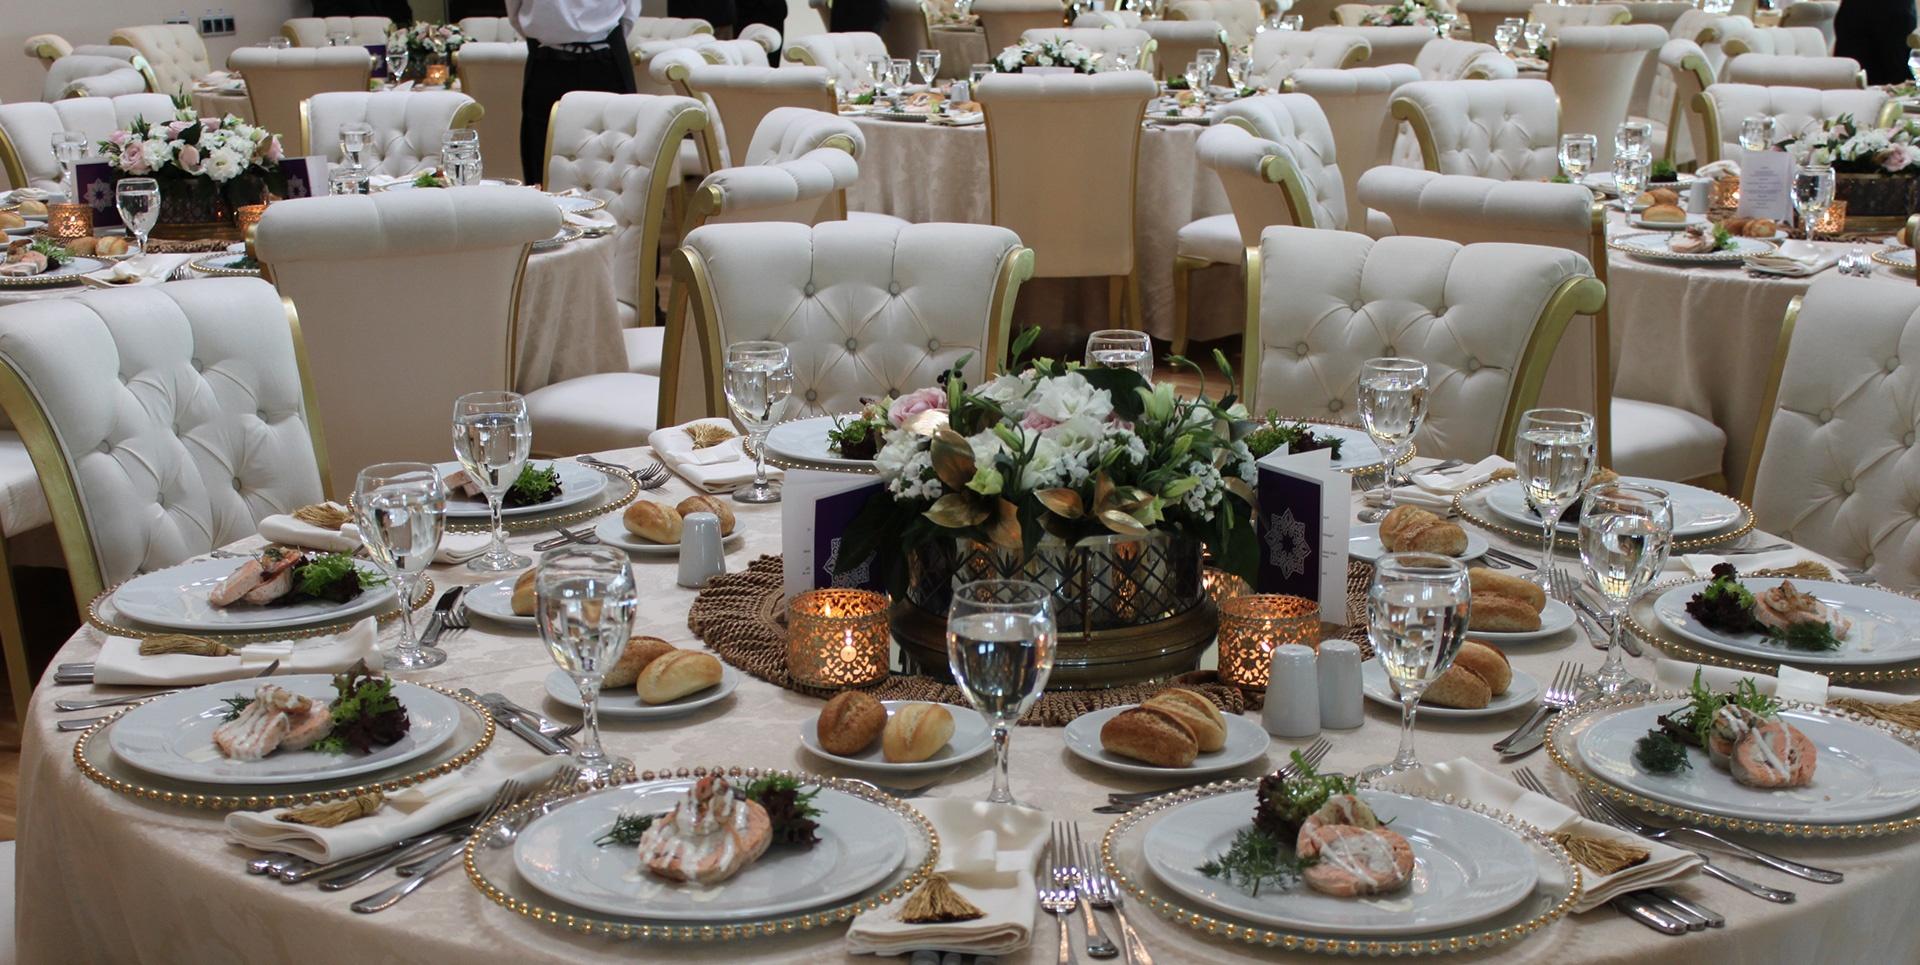 düğün-salonu-sermaye en kolay Düğün salonu açma yolları